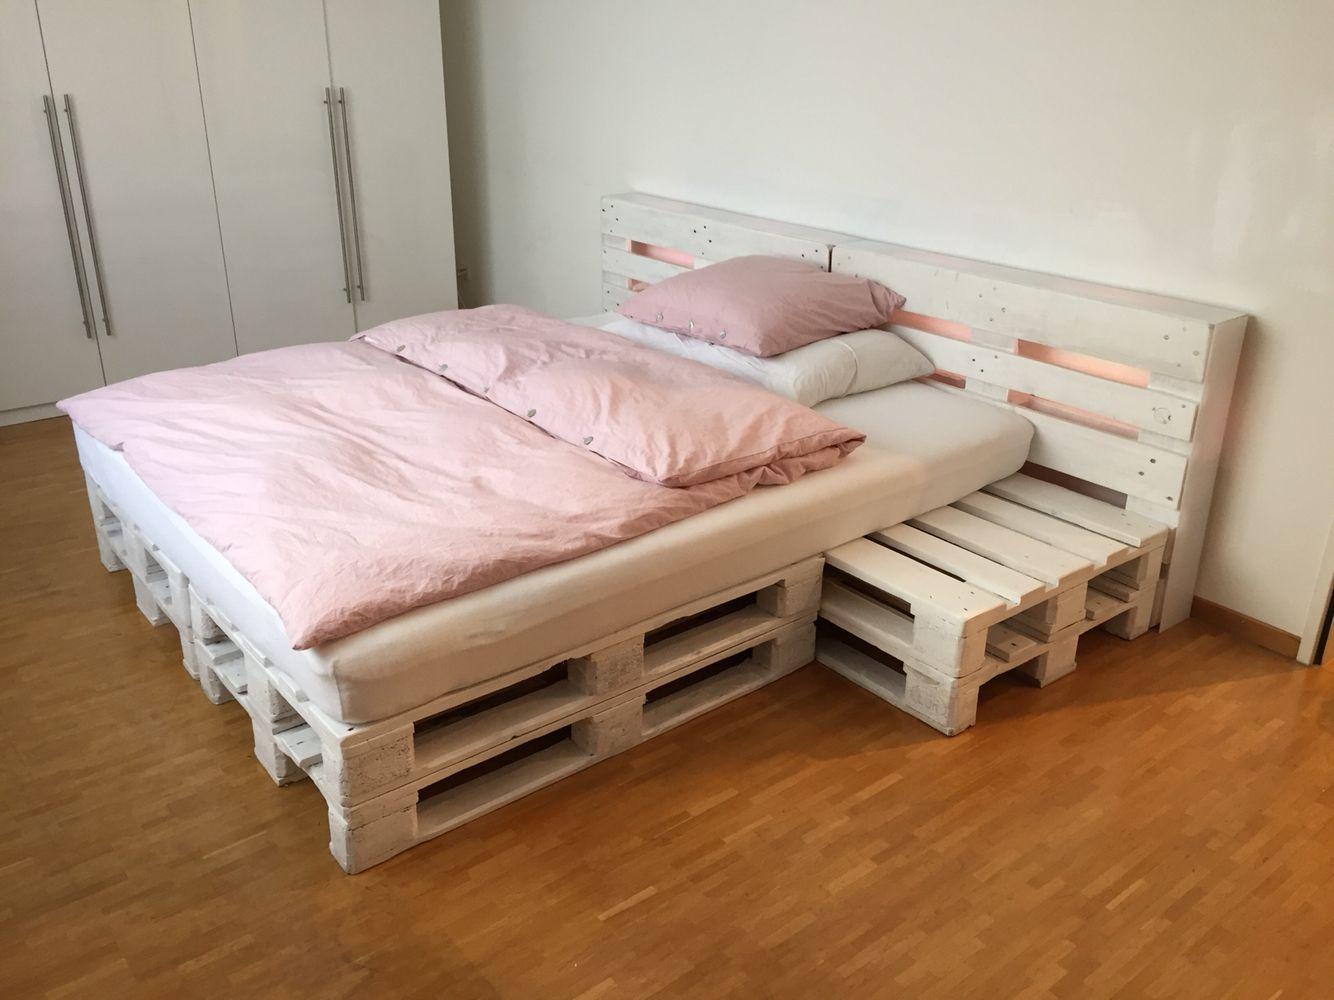 cama - Camas Con Palets